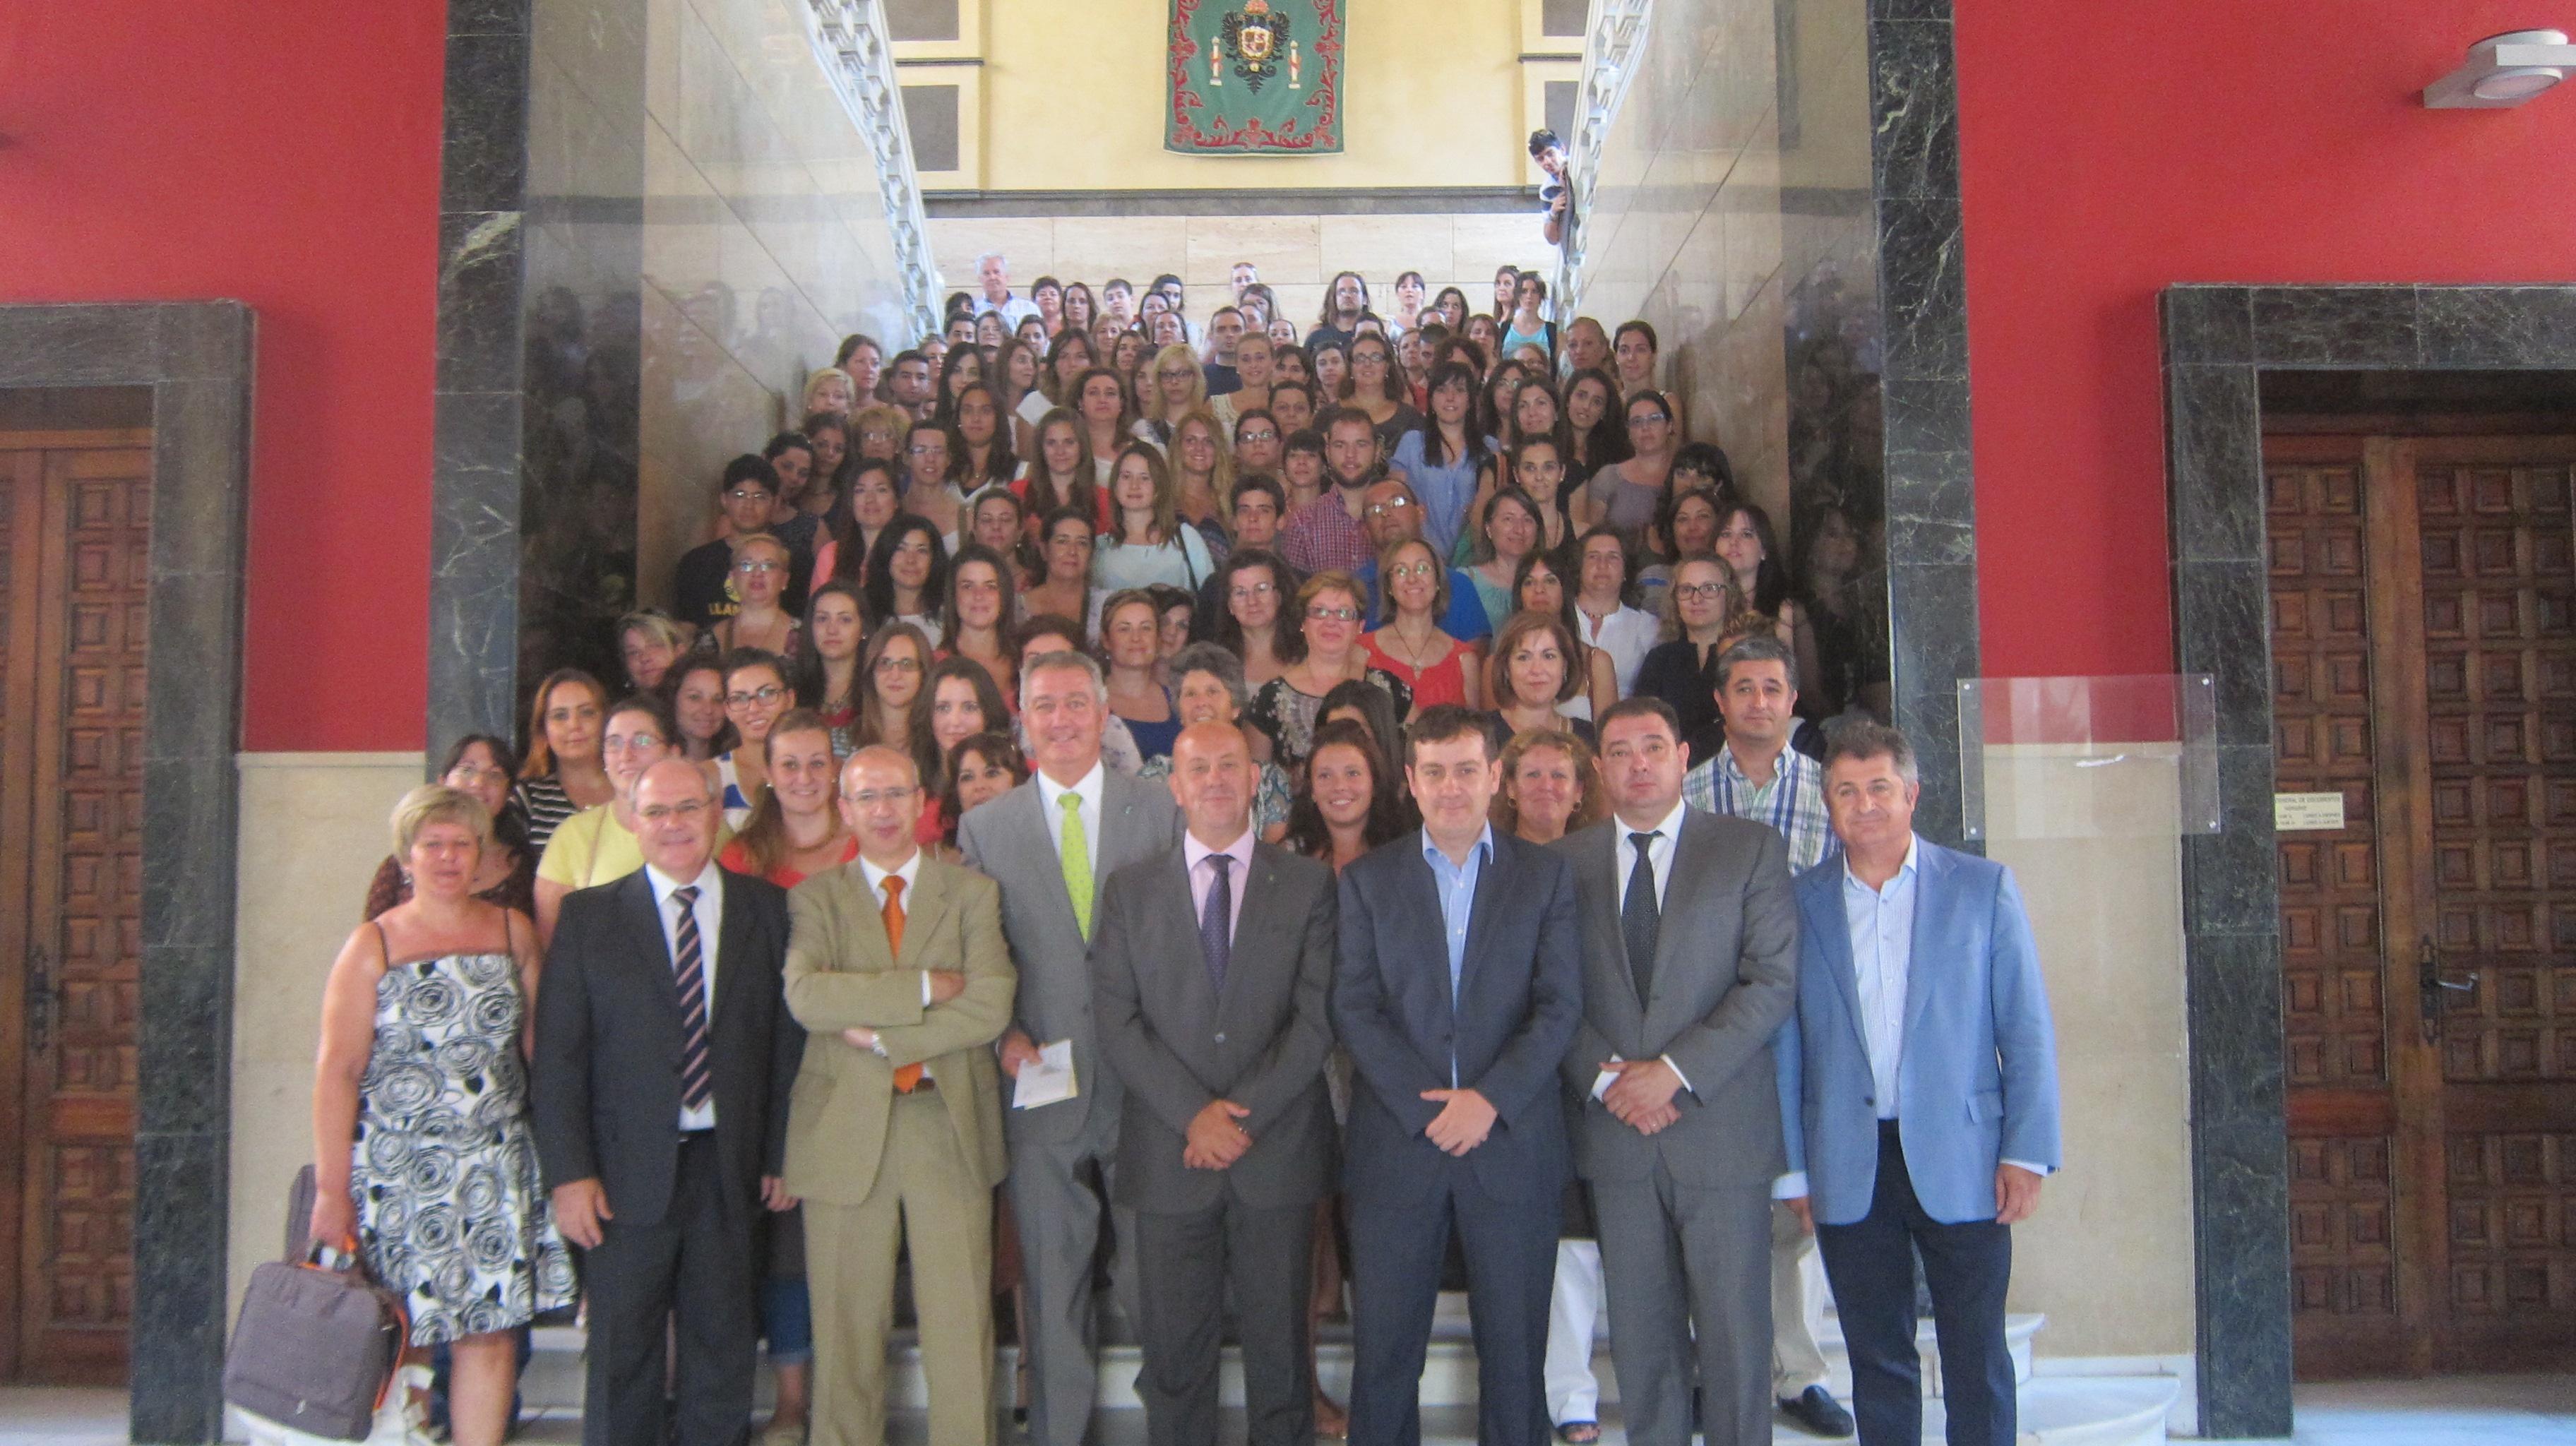 Este lunes arranca »De la mano contigo», un programa de la Diputación que fomenta la integración en municipios de Toledo